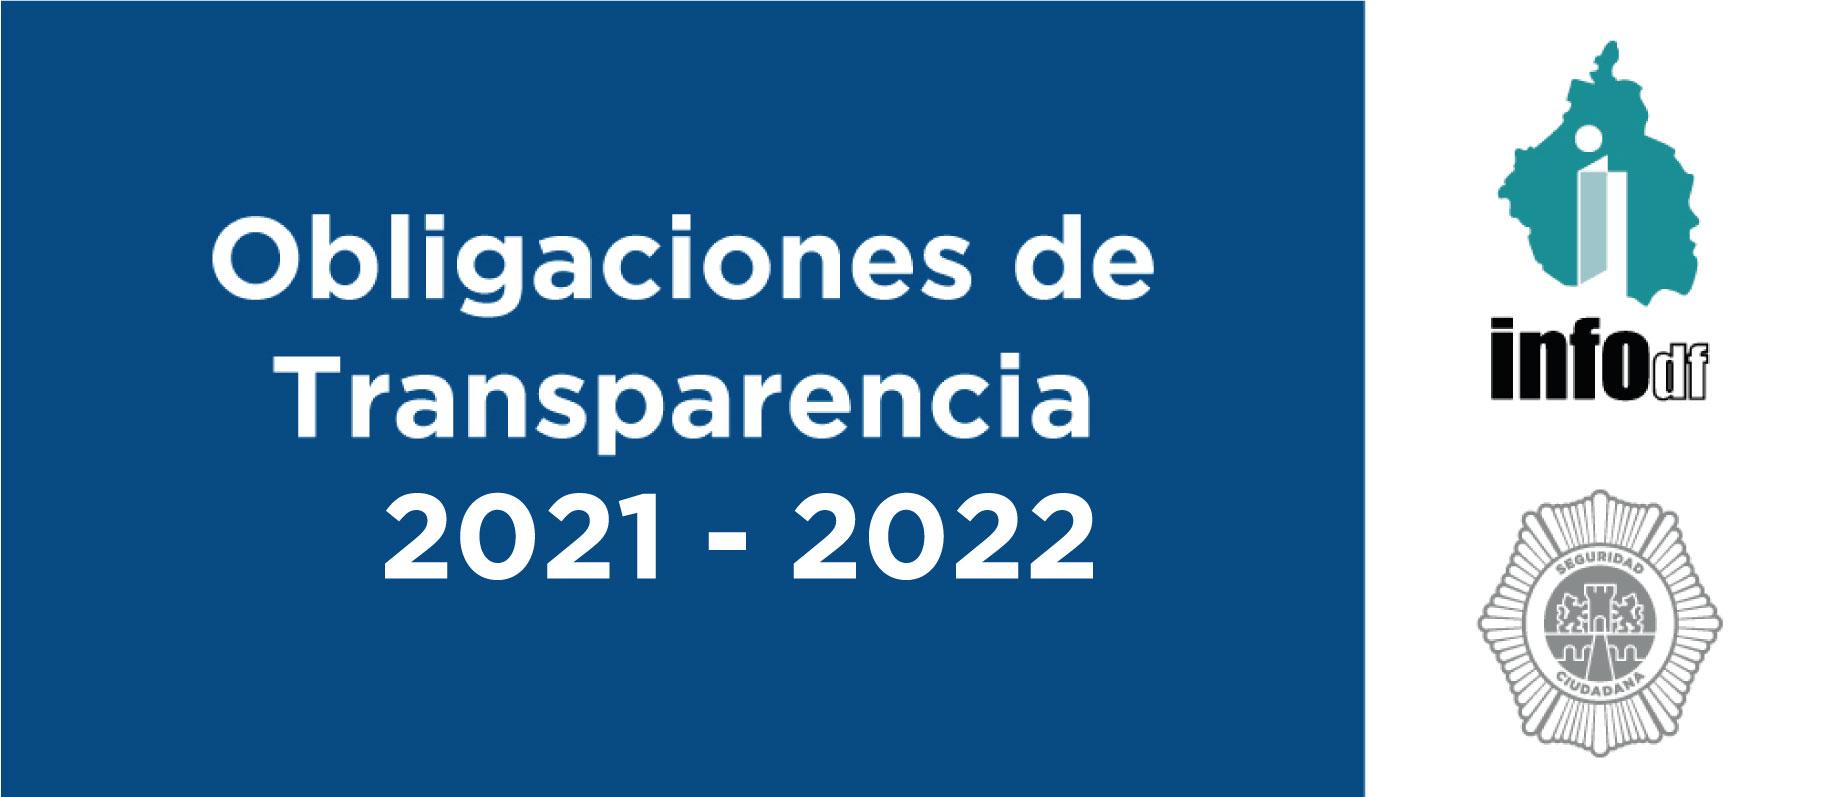 Obligaciones de Transparencia 2021